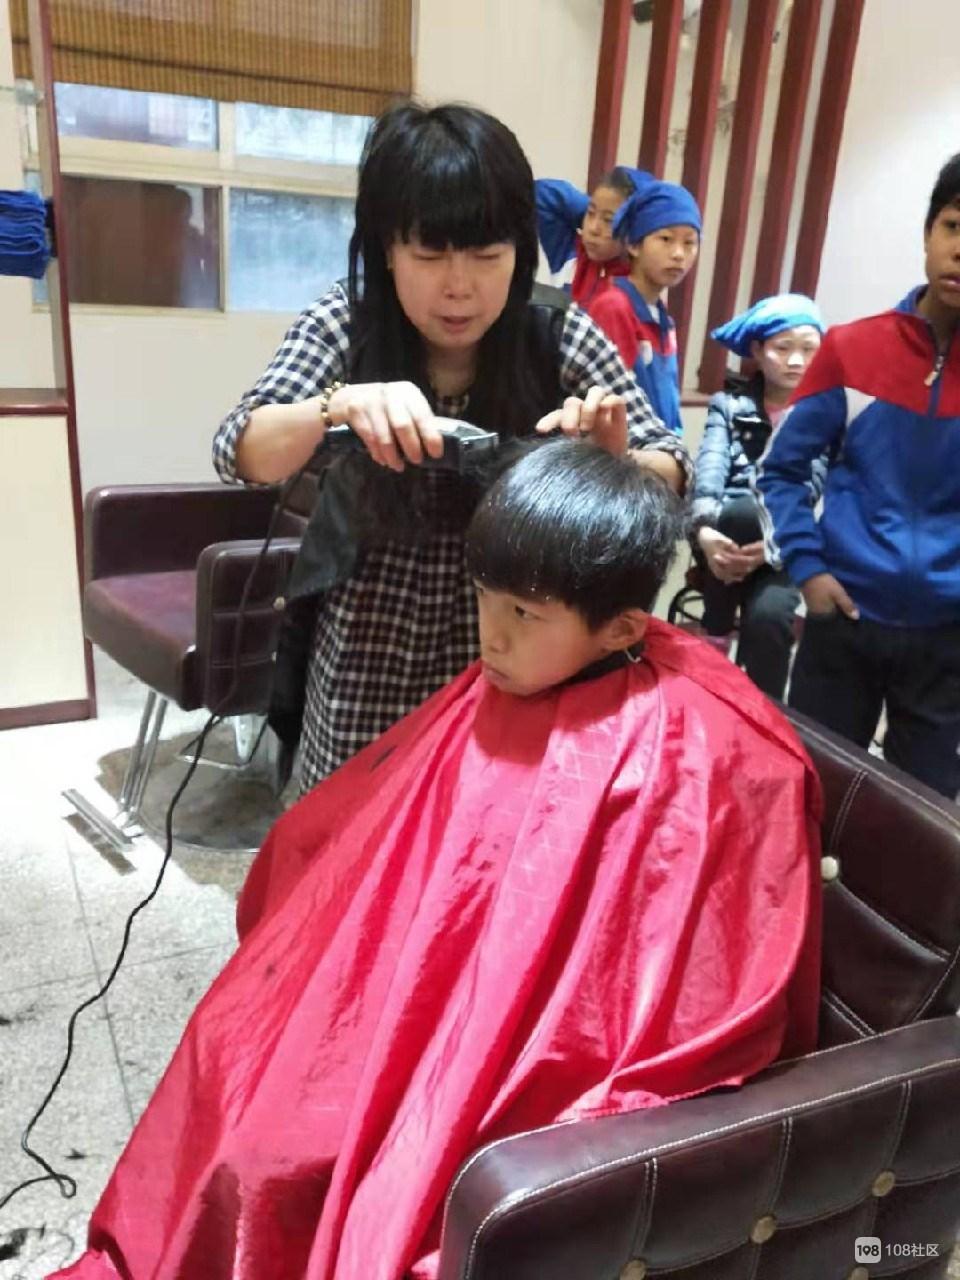 让真情满天下!瓷都美女为聋哑学校学生剪发